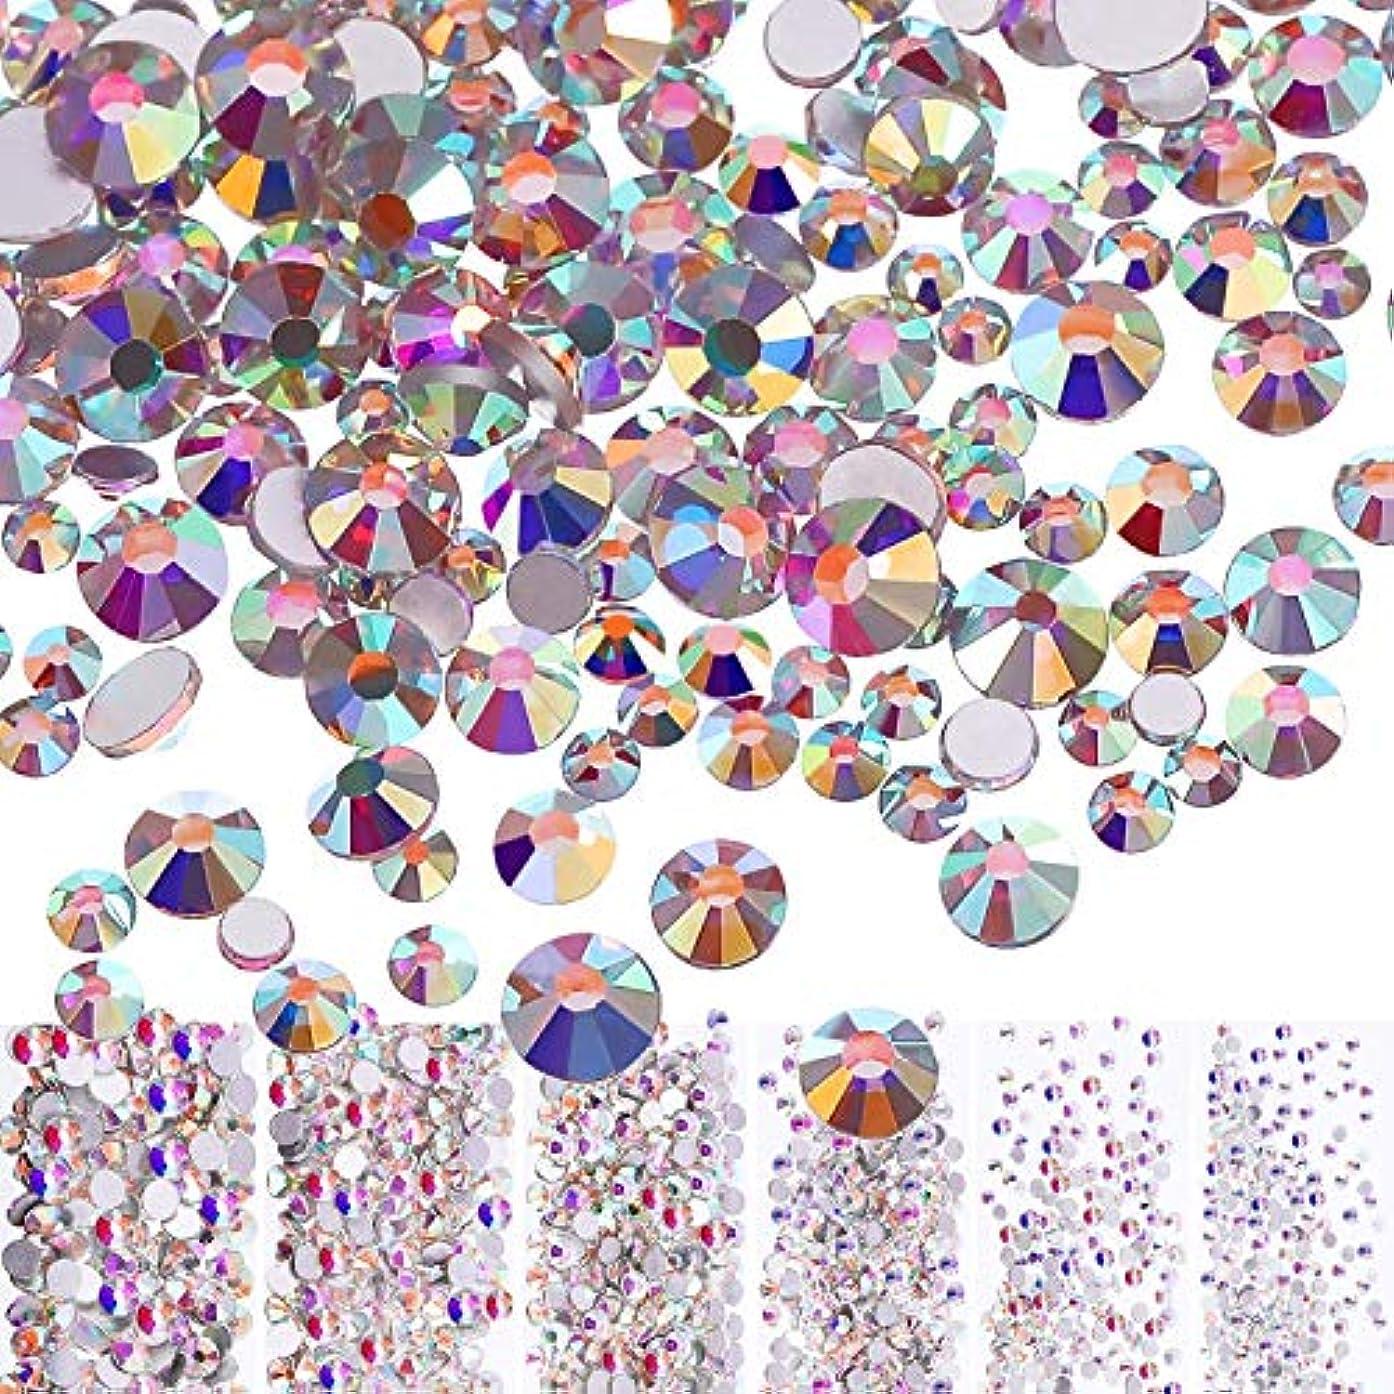 スラック一方、胃Mojoe 3168個ネイルクリスタルAbネイルアートラインストーンラウンドバックガラスチャーム宝石石、6サイズネイル用装飾化粧服靴(、混合Ss4 5 6 8 10 12)(クリスタルAb)